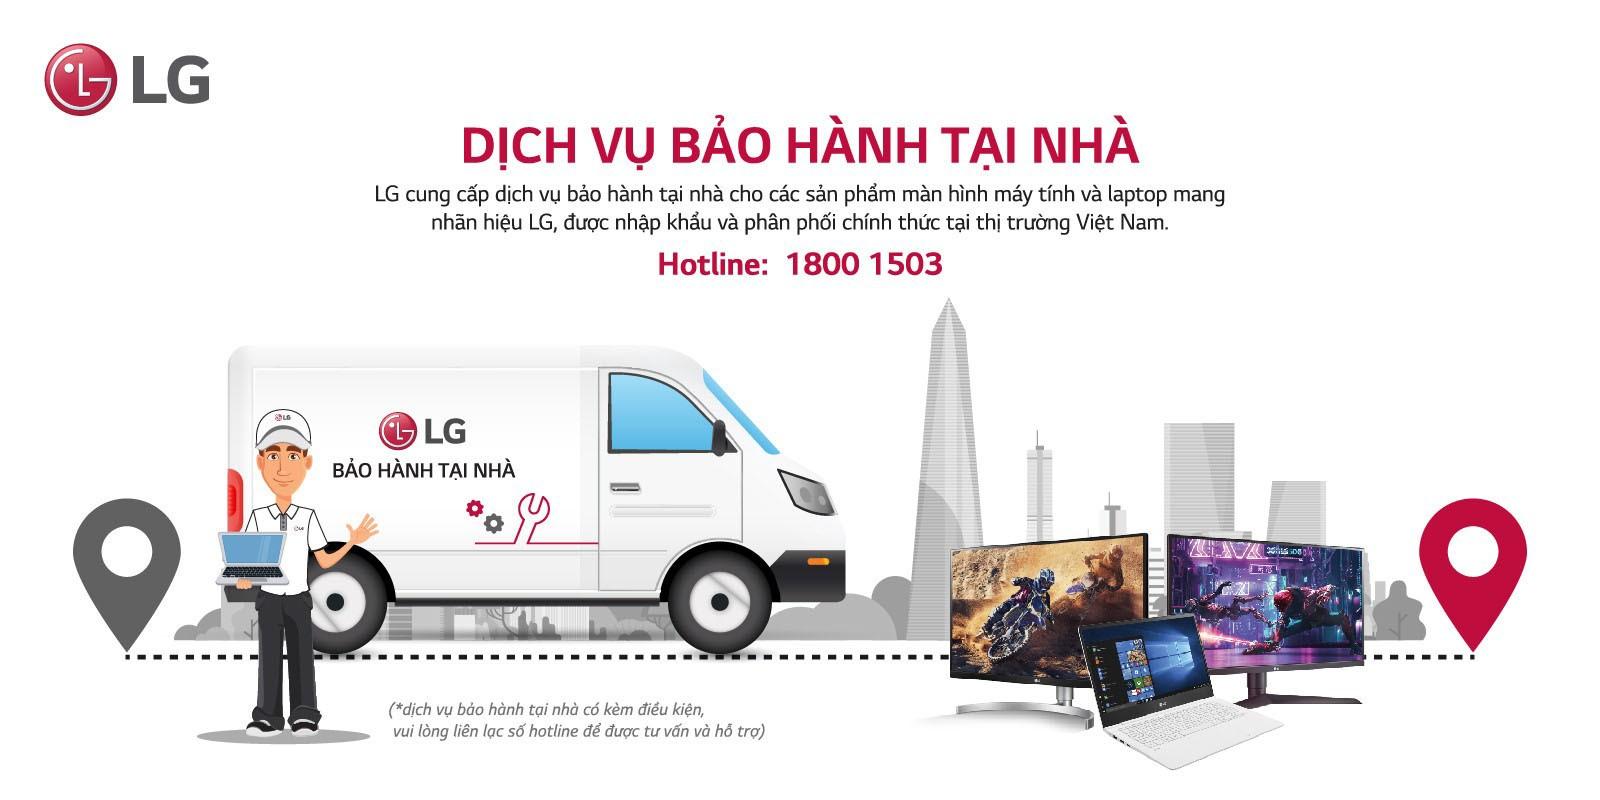 Dịch vụ bảo hành LG